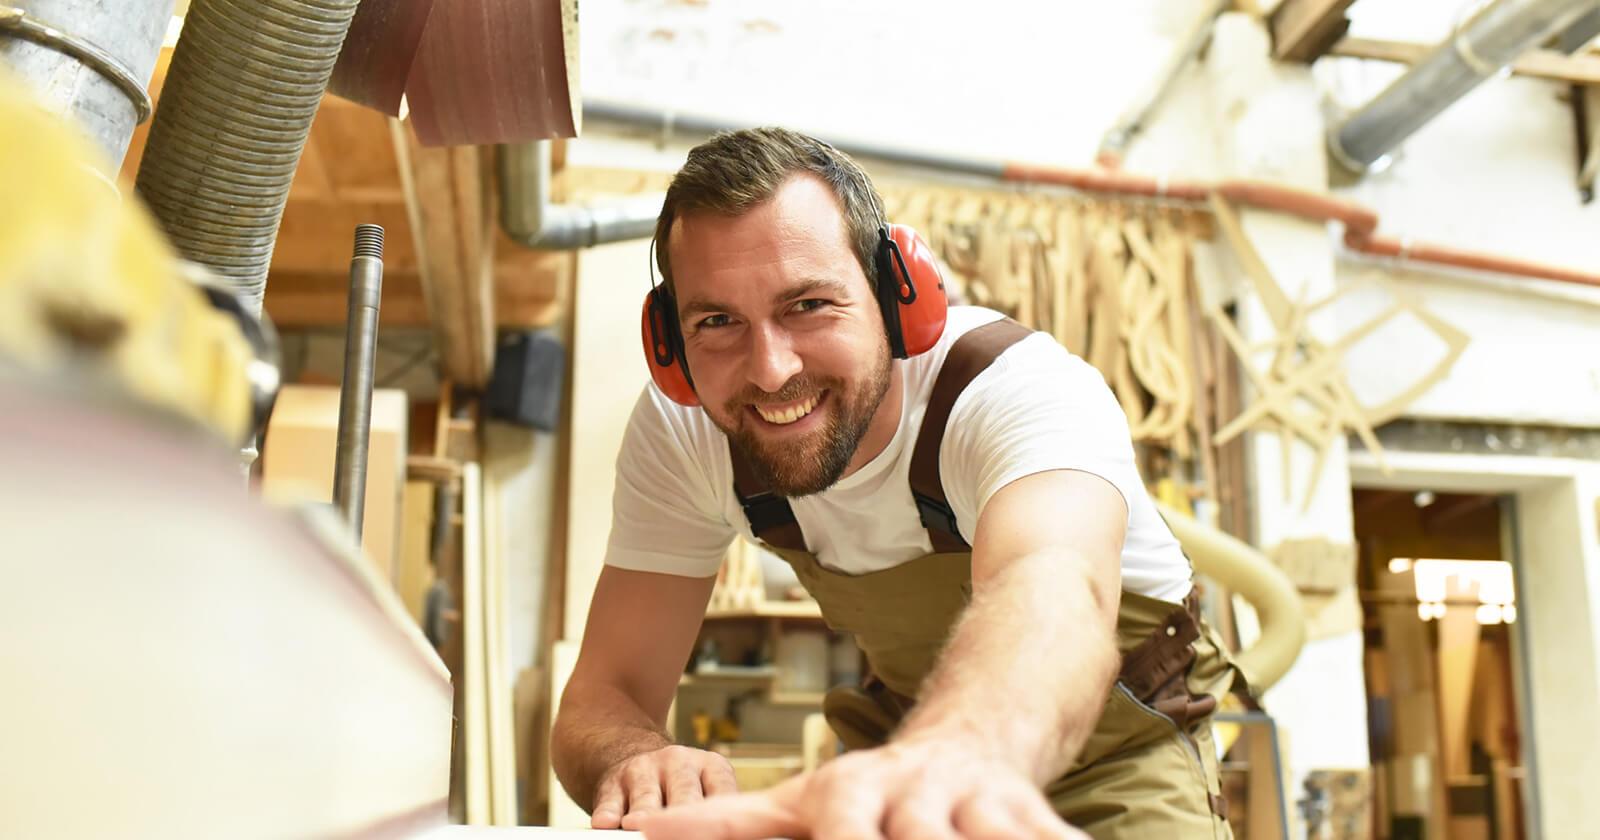 Mann sägt Holz bei der Arbeit: Das Risiko auf Tumoren in der Nase beim ständigen Einatmen von Holzstaub steigt.